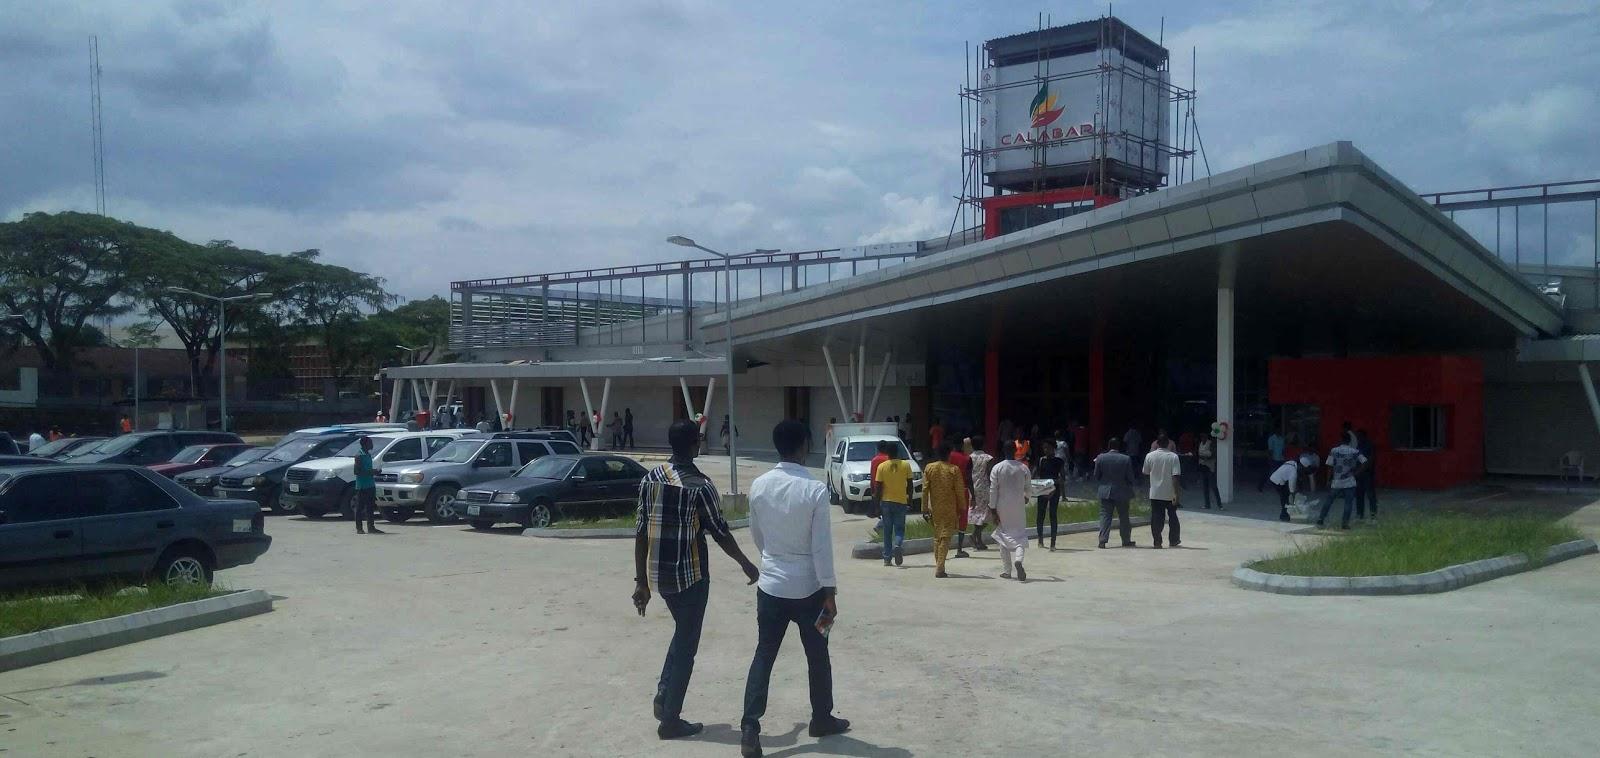 Calabar Mall Spar, Calabar - Cross River. Image Source: Calabar Reporters. July 2016.